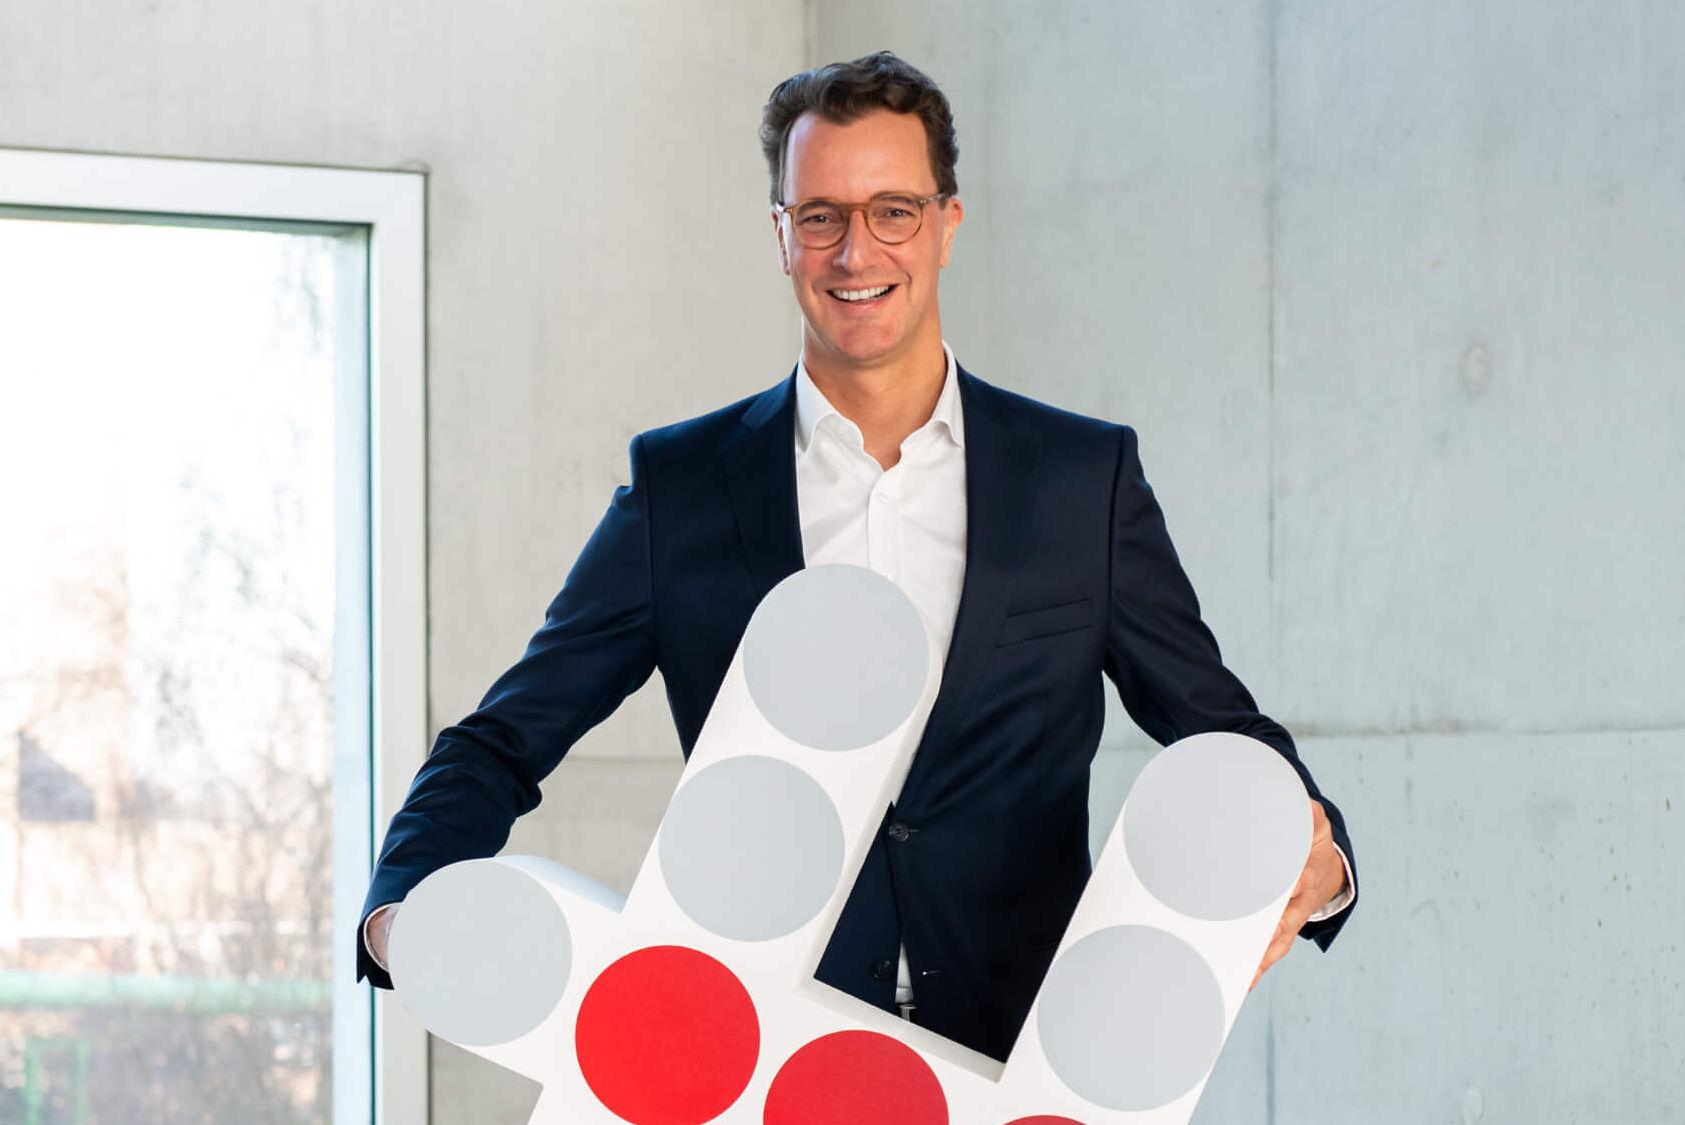 Verkehrsminister NRW, dunkelhaariger Mann mit dunklem Anzug, hält die Logo-Raute von Bündnis für Mobilität und lächelt in die Kamera.